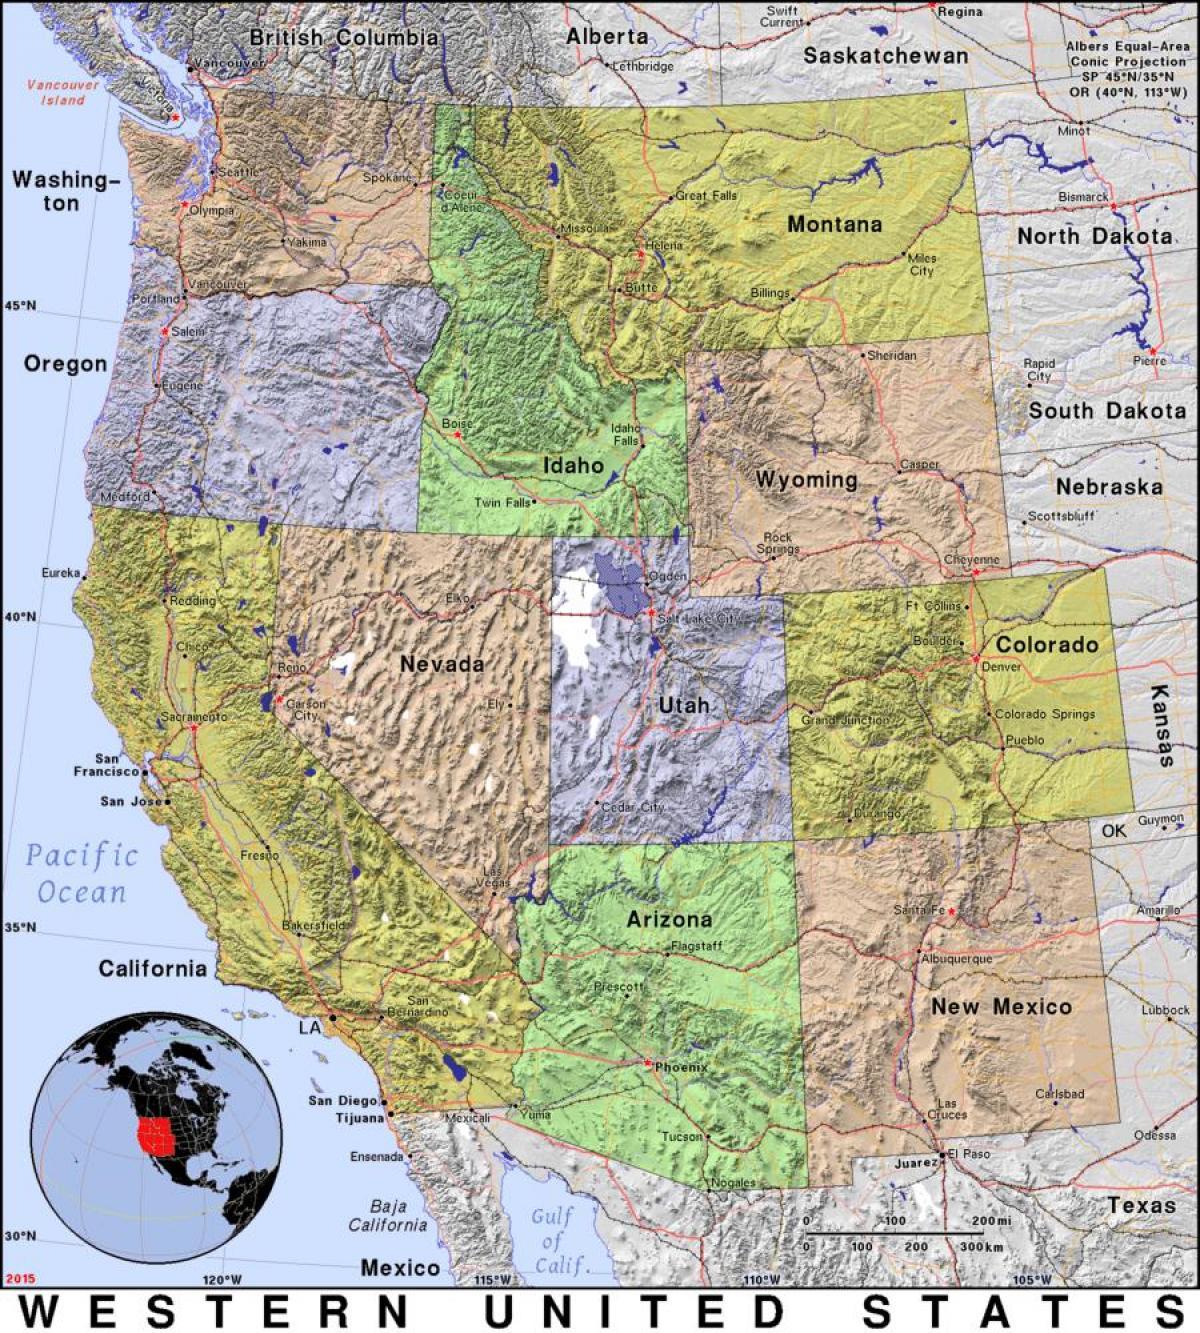 America Occidentale Cartina.Mappa Di Stati Uniti Occidentali Mappa Occidentale Degli Stati Uniti America Del Nord America